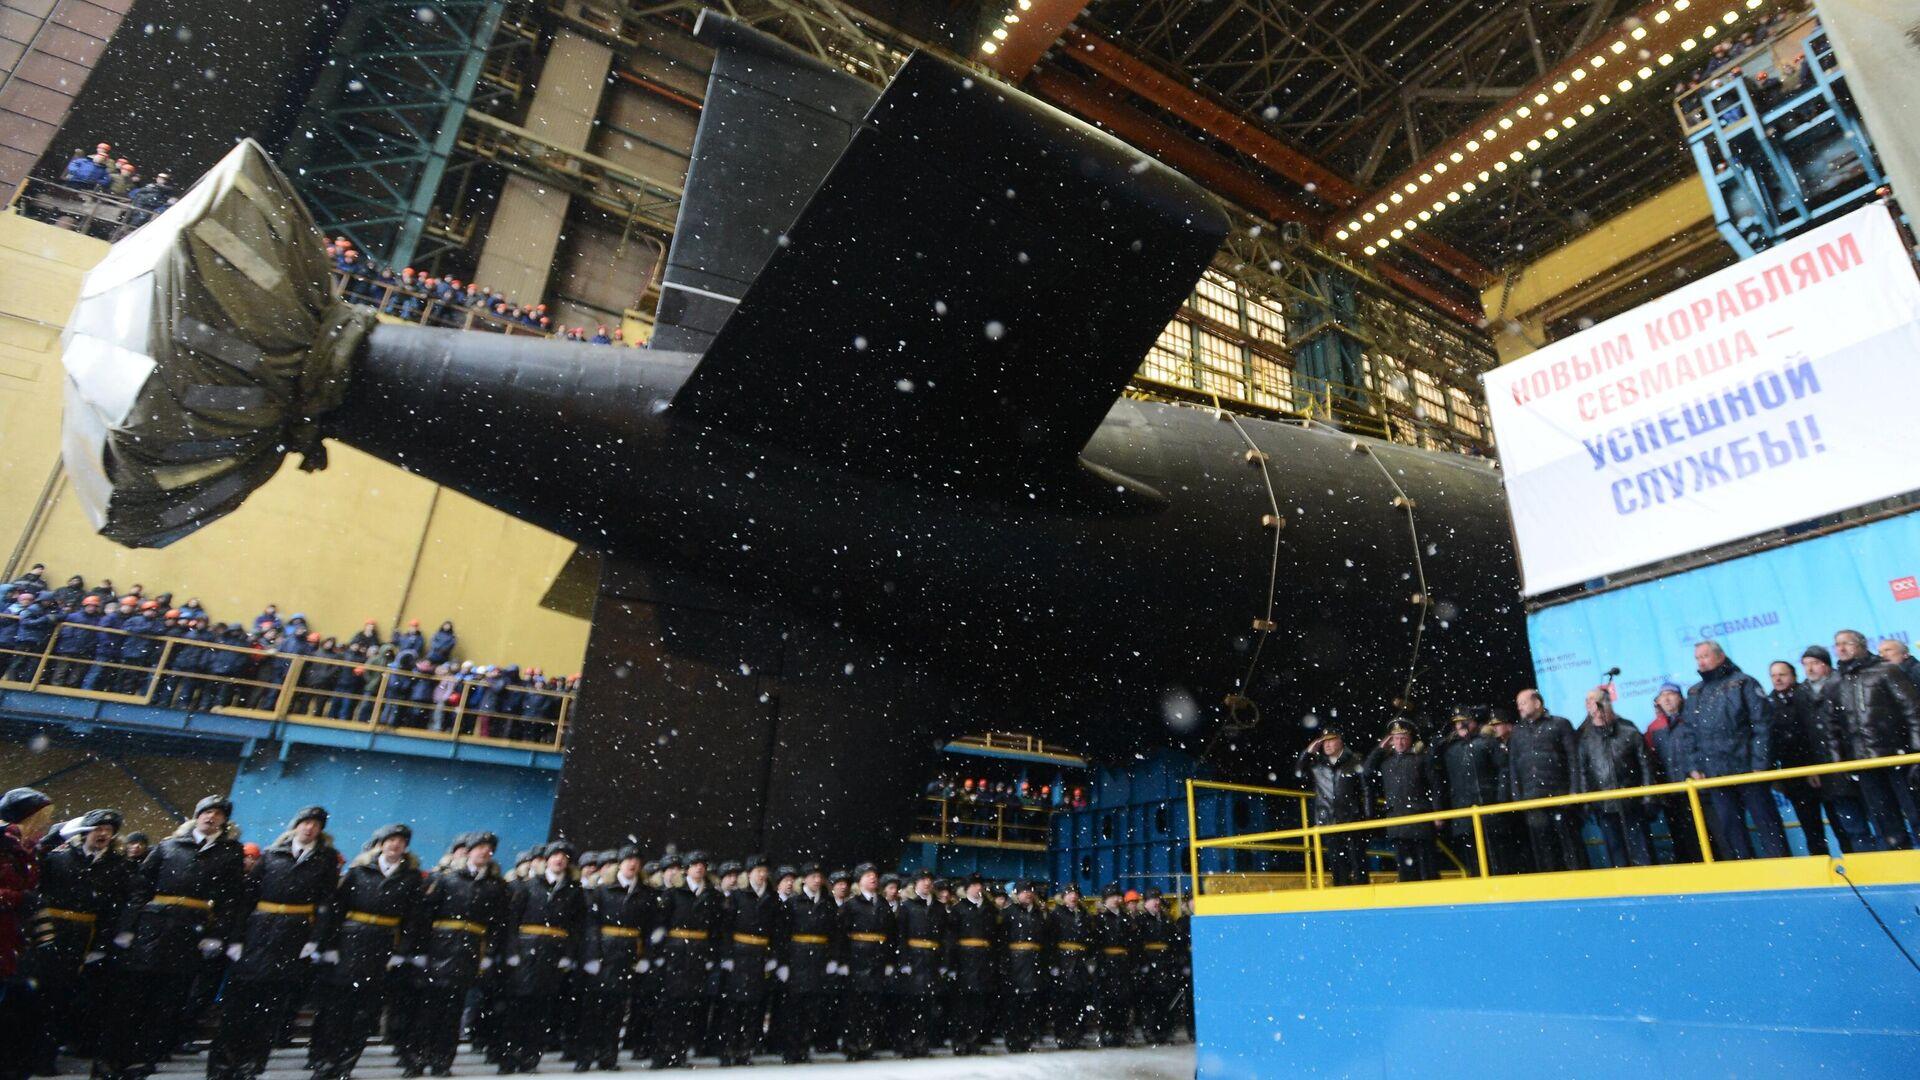 Торжественная церемония спуска на воду атомного подводного крейсера Казань ВМФ России - РИА Новости, 1920, 30.11.2020